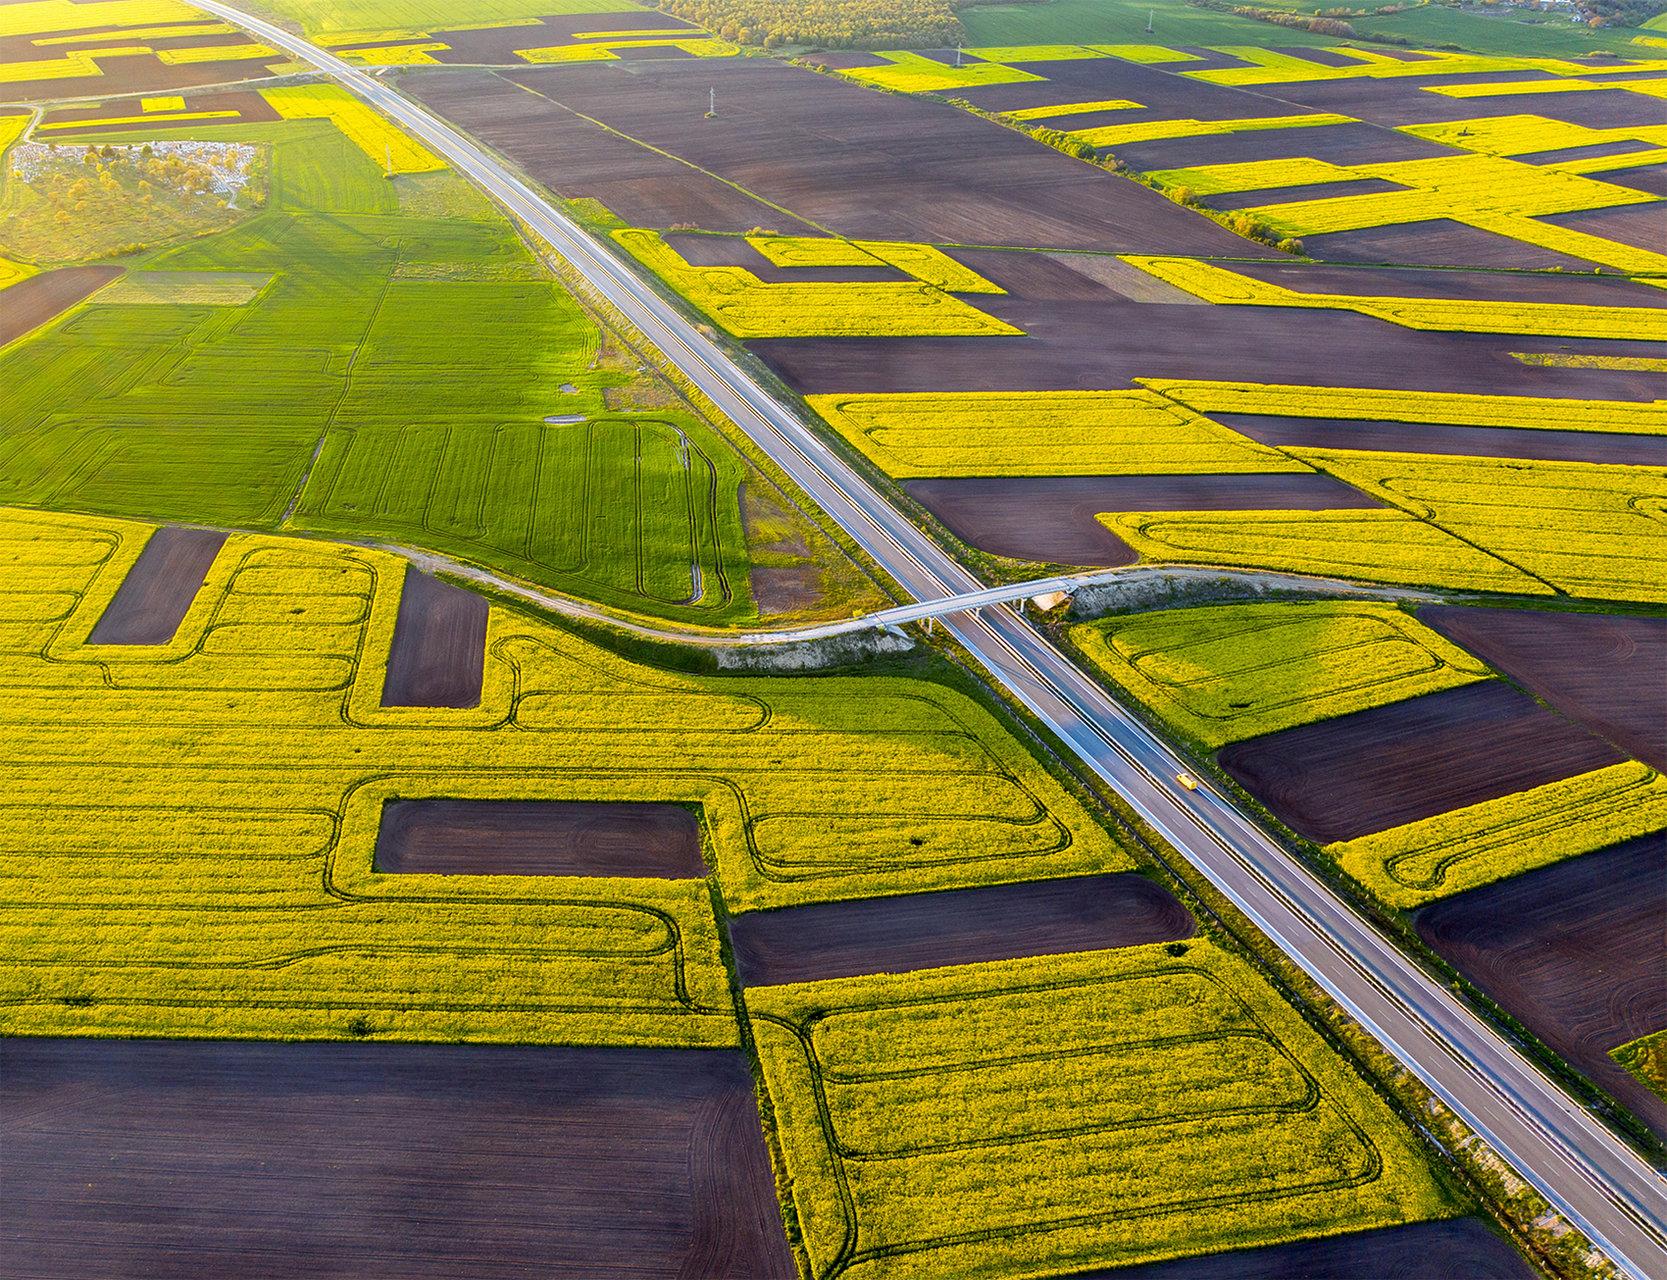 Photo in Aerial | Author Kiril  - kirilx | PHOTO FORUM